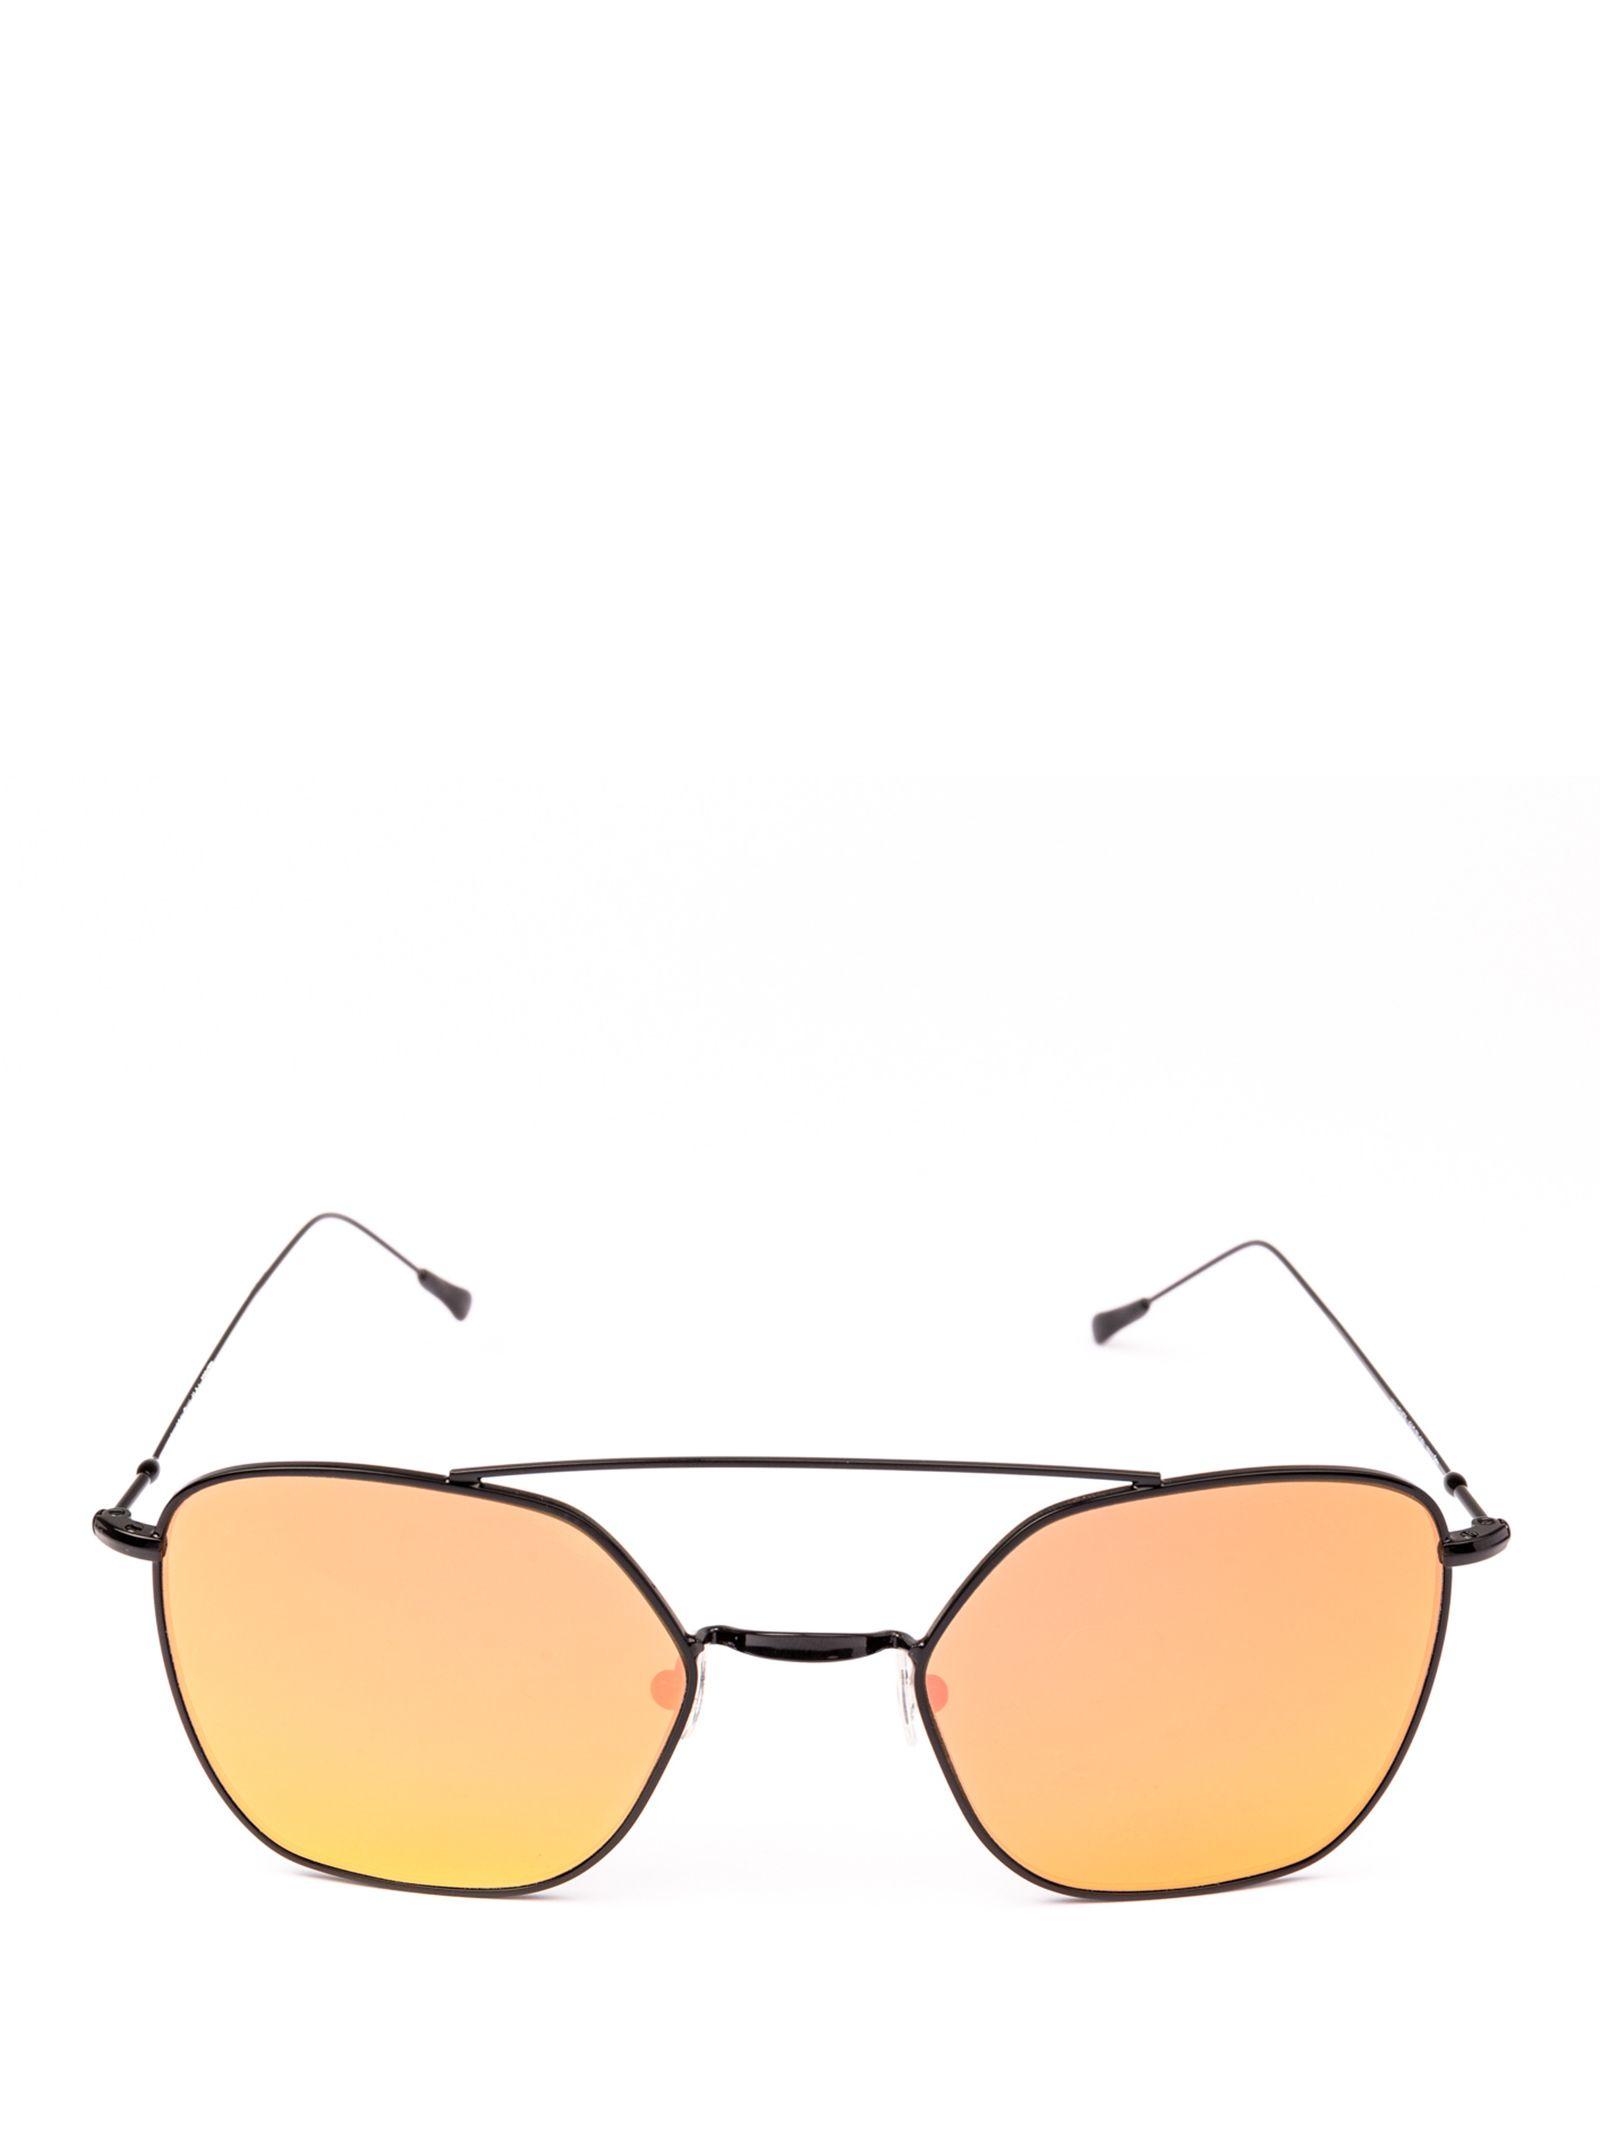 SPEKTRE Sunglasses in Dv02Bet